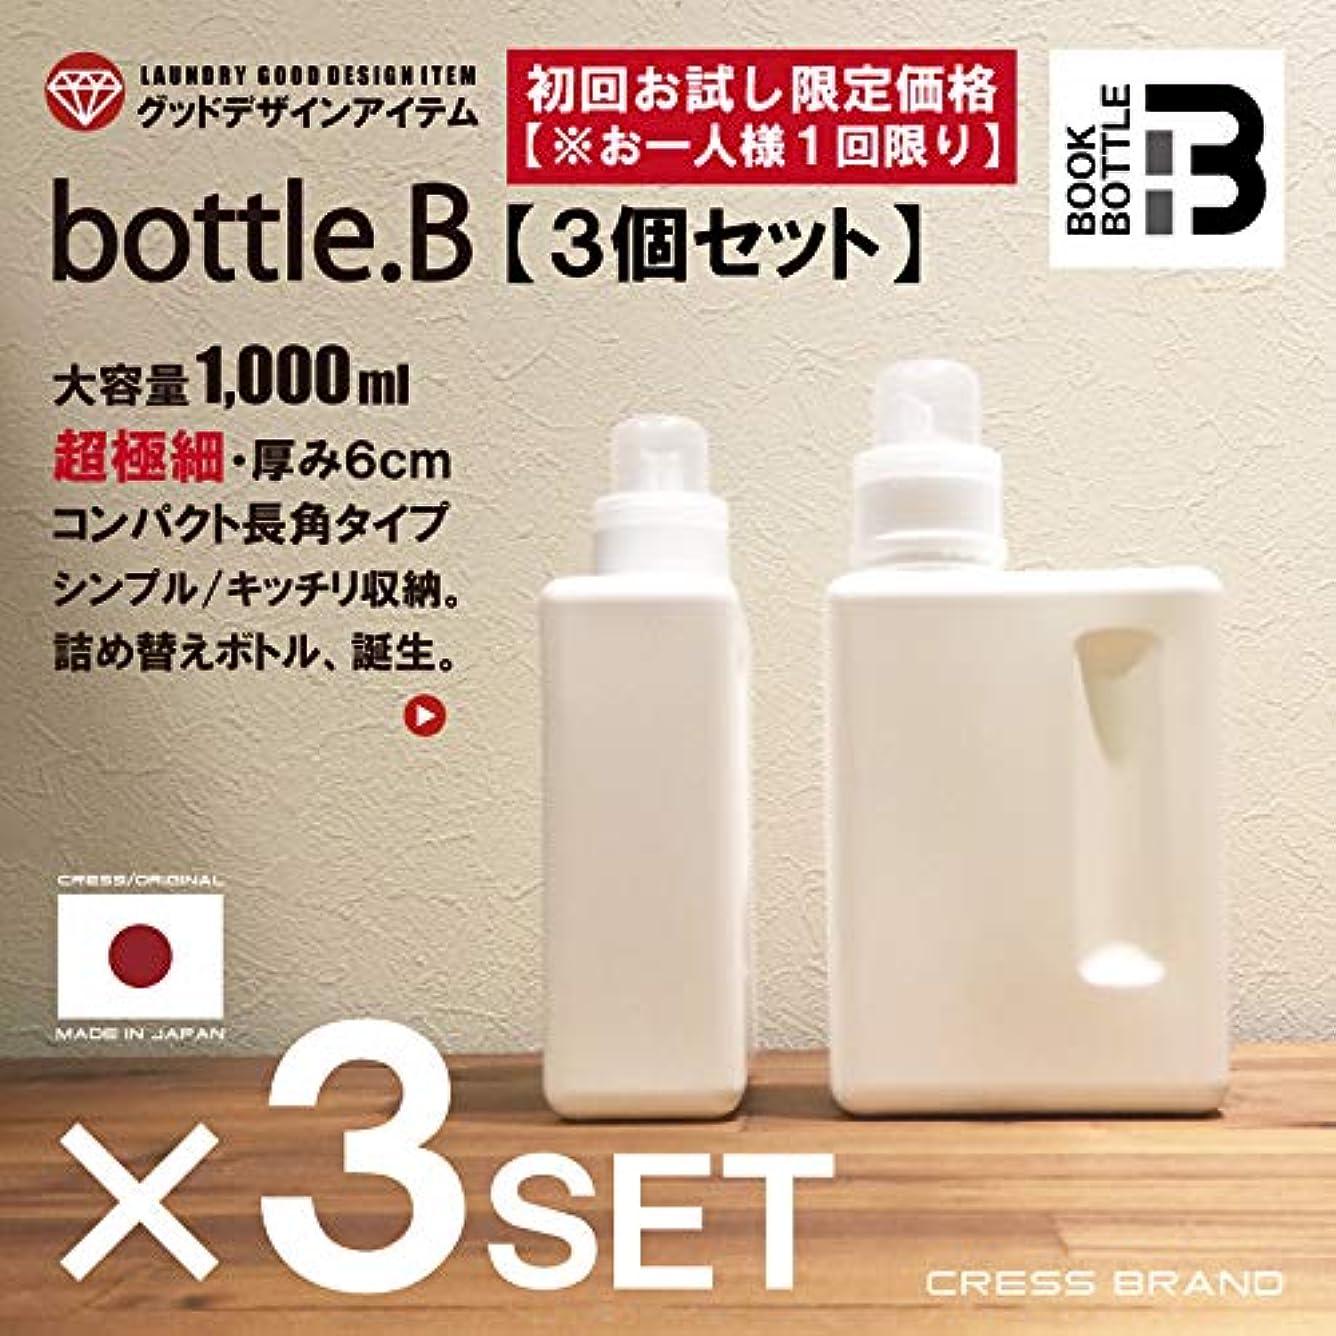 不明瞭炭素レルム<3個セット>bottle.B-3set【初回お試し限定価格?お一人さ様1回限り】[クレス?オリジナルボトル]1000ml BOOK-BOTTLE